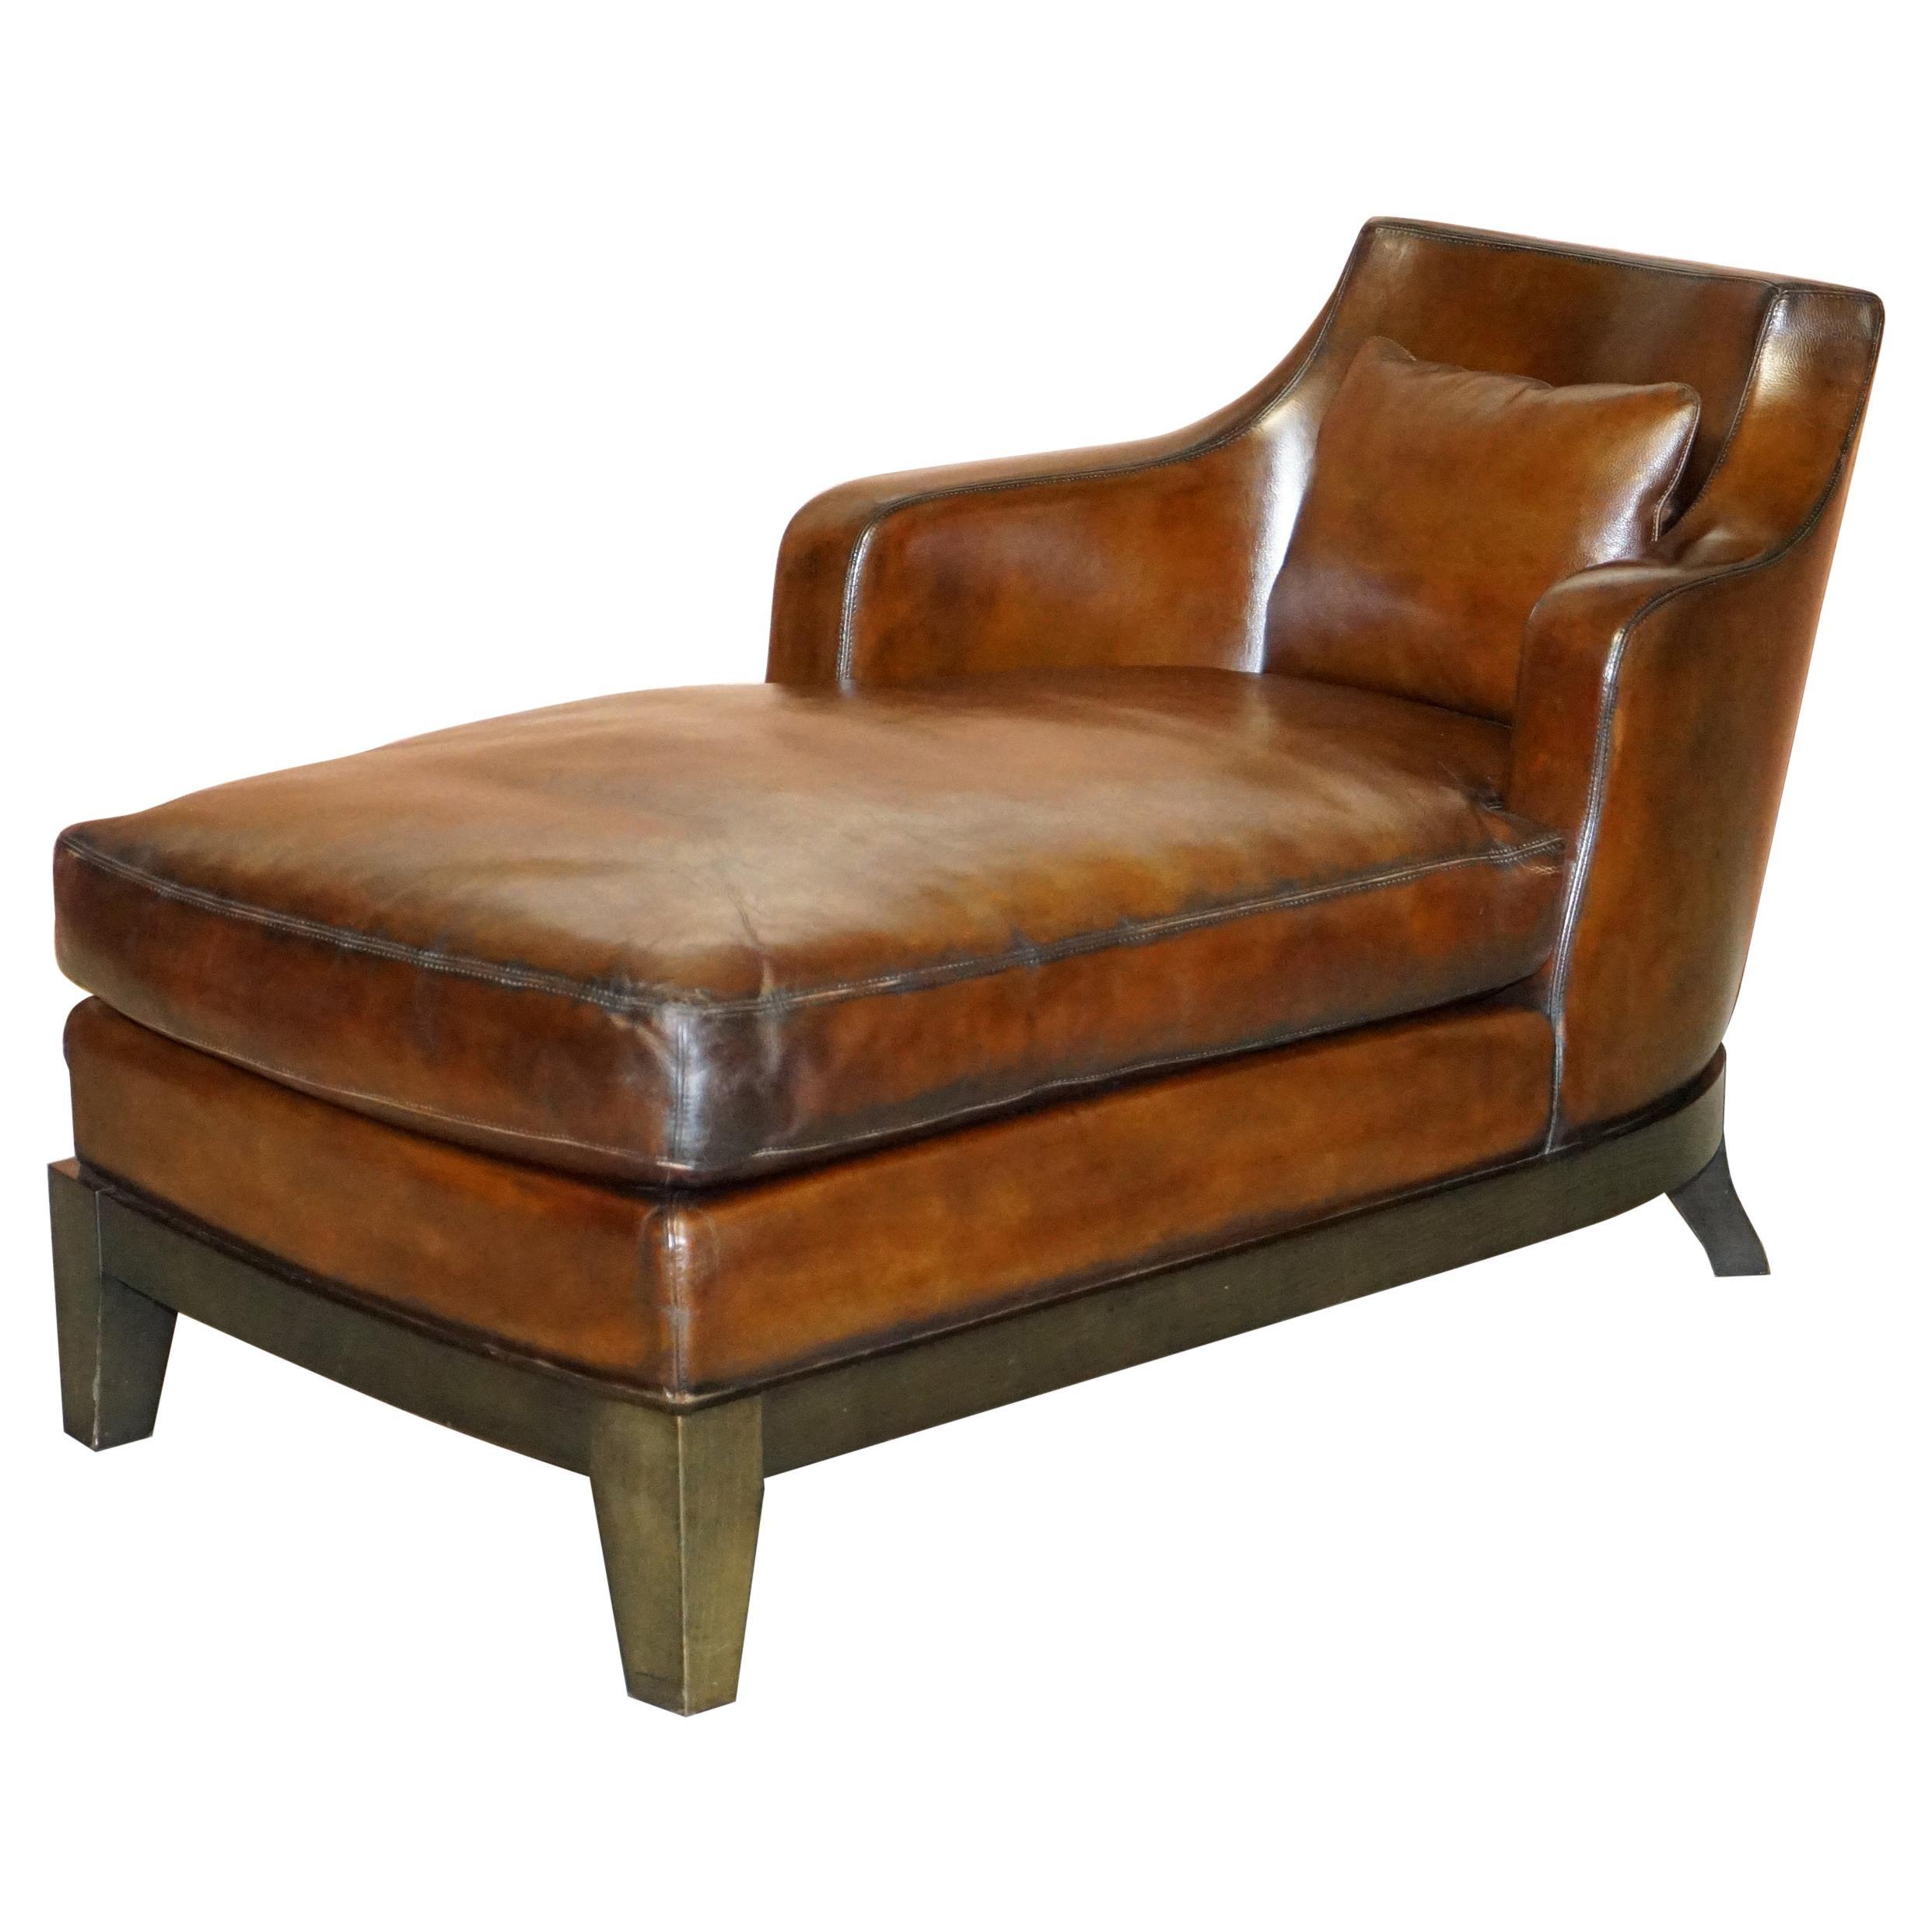 Rare Restored Promemoria Gioconda Italian Brown Leather Chaise Lounge Daybed